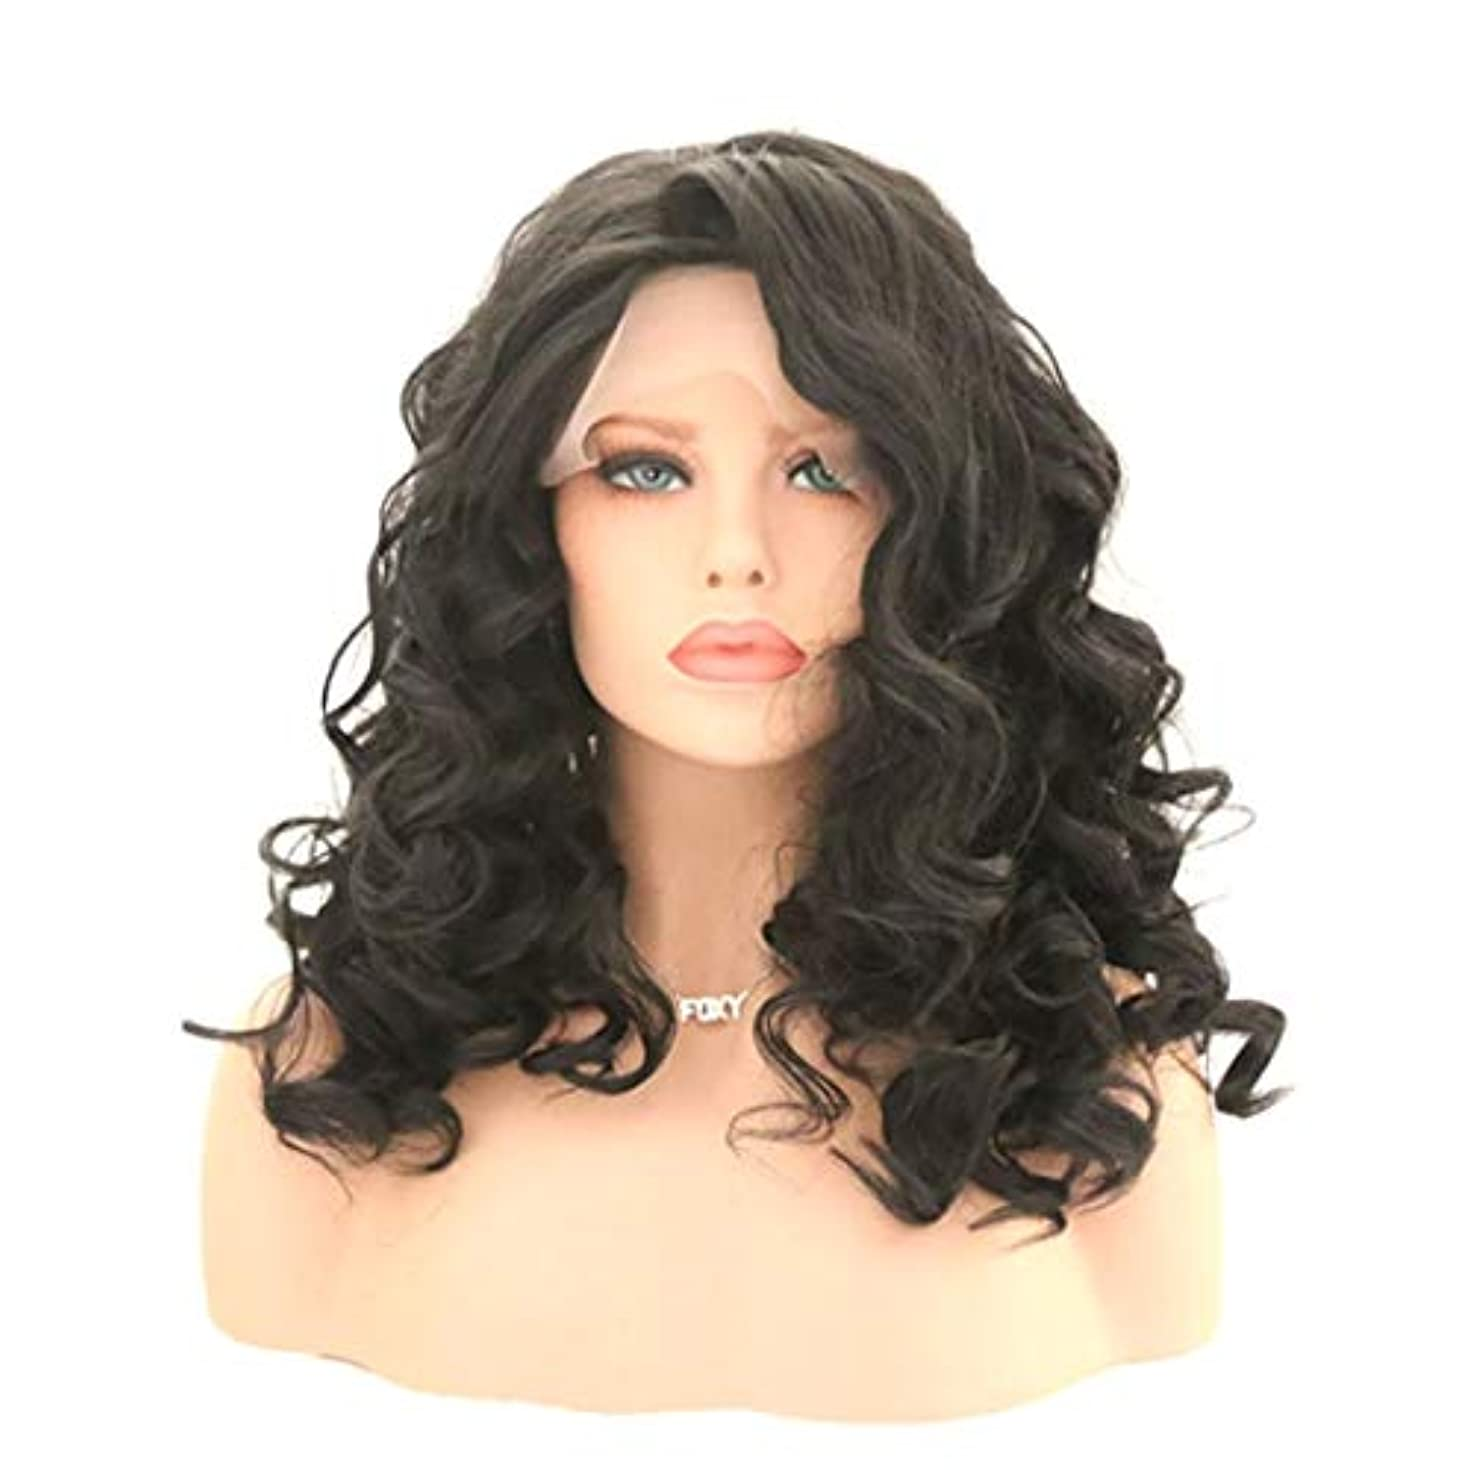 おばあさん状況マティスSummerys 女性のためのカーリー波状かつら前髪付きかつら人工毛髪かつら自然なかつら (Size : 16 inches)